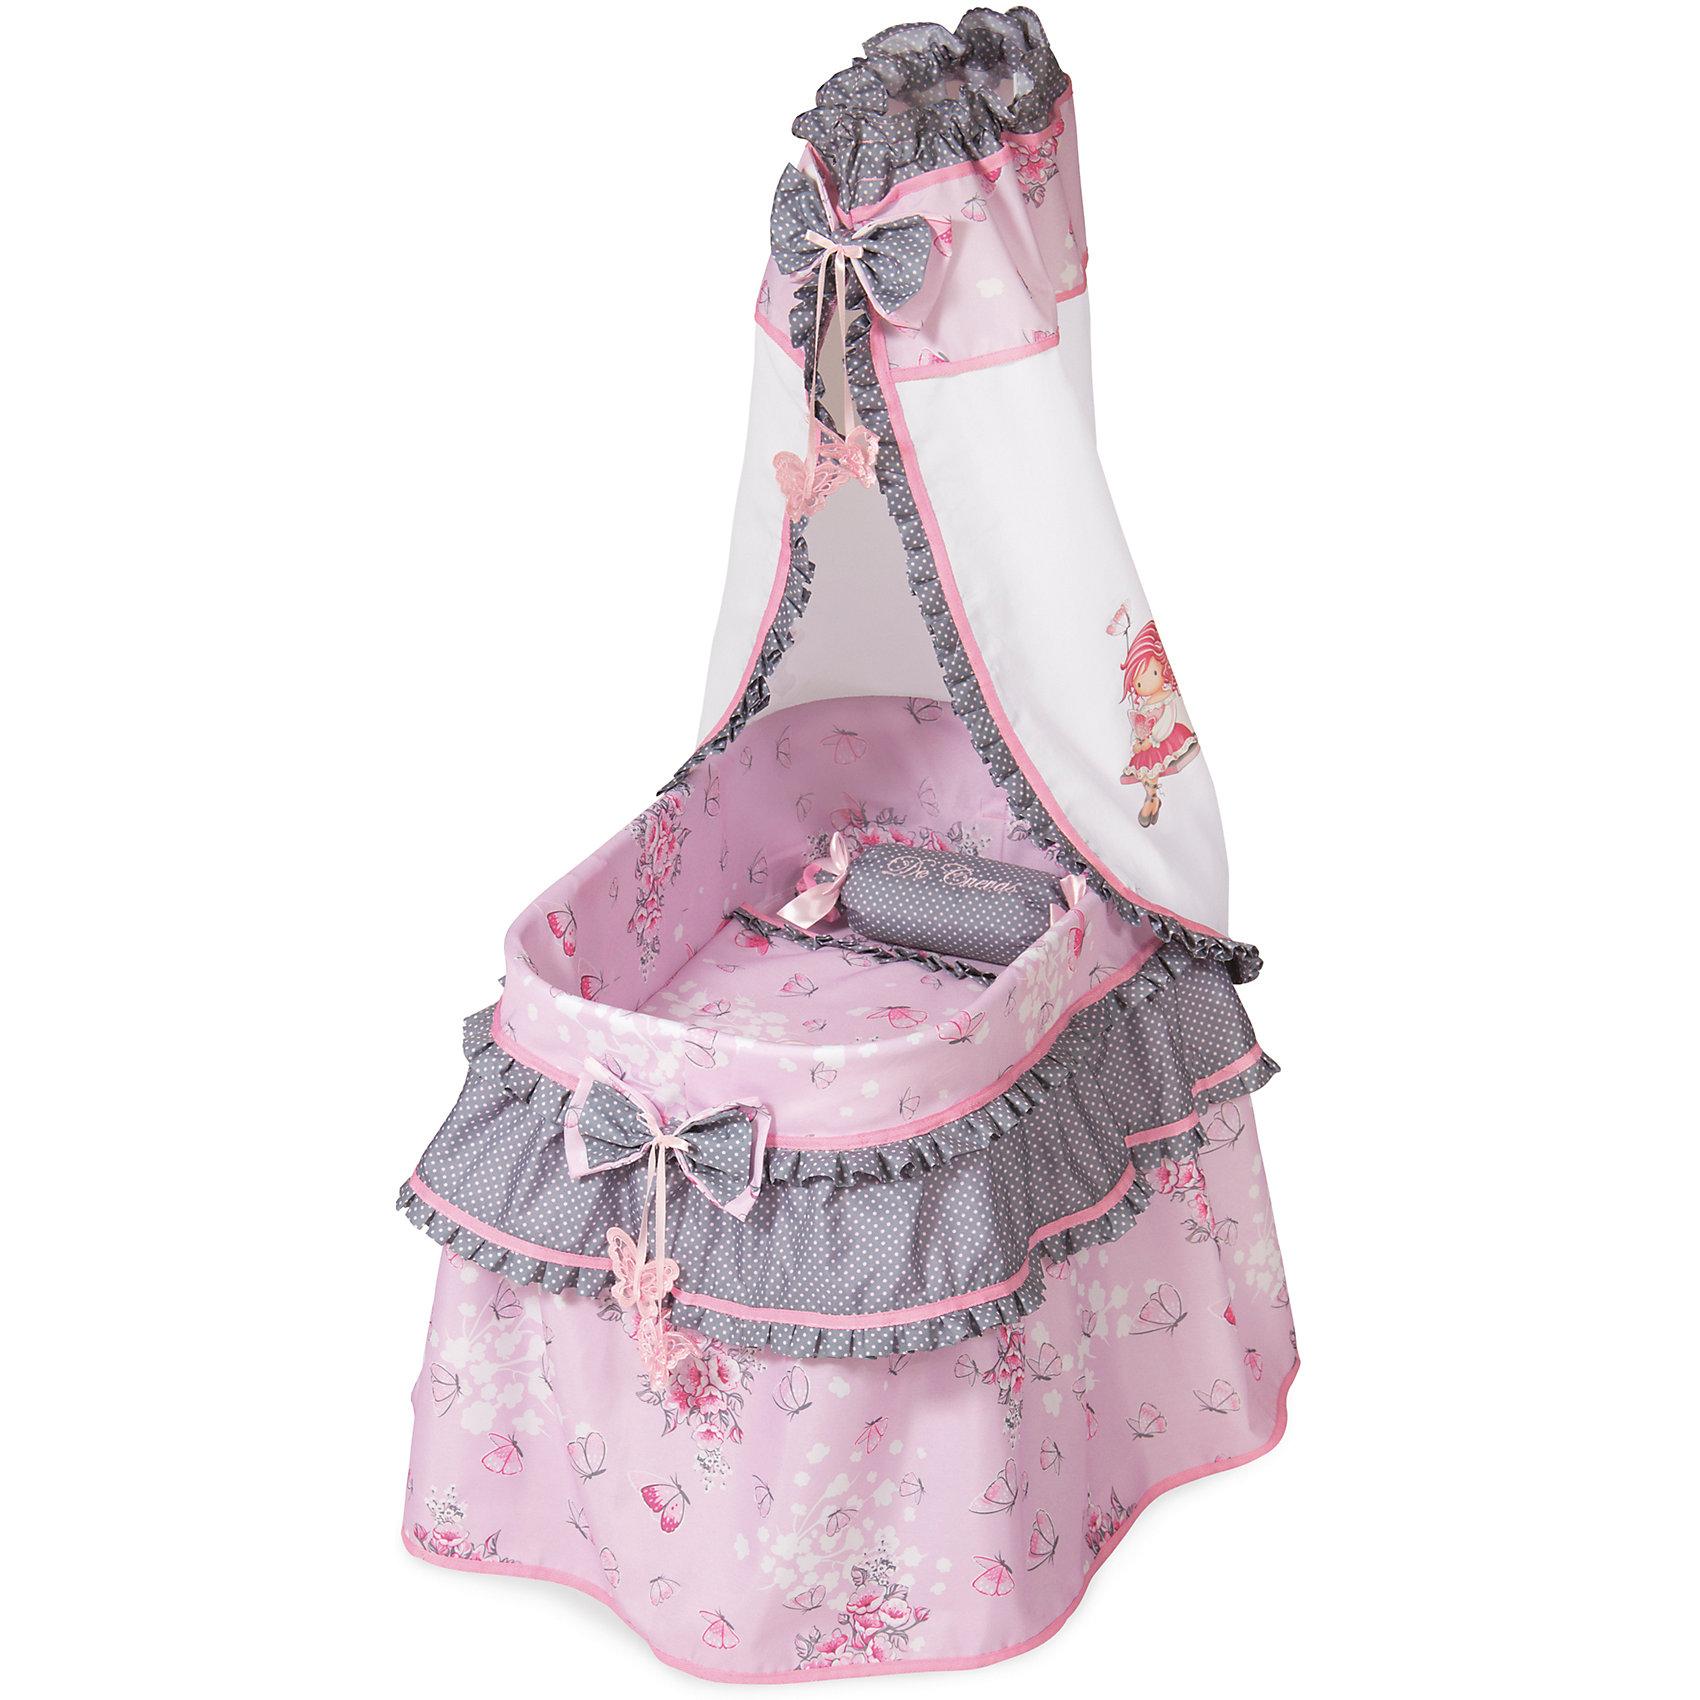 Кроватка с балдахином DeCuevas МарияДомики и мебель<br>Кроватка идентична настоящей кроватки для малышей, двойная юбка- оборка  нежно- розового цвета с розовыми рюшками и бантиками и подушечкой. Шикарный балдахин из высококачественного текстиля с рисунком девочки -аниме<br><br>Ширина мм: 370<br>Глубина мм: 600<br>Высота мм: 1000<br>Вес г: 2500<br>Возраст от месяцев: 36<br>Возраст до месяцев: 2147483647<br>Пол: Женский<br>Возраст: Детский<br>SKU: 7065301